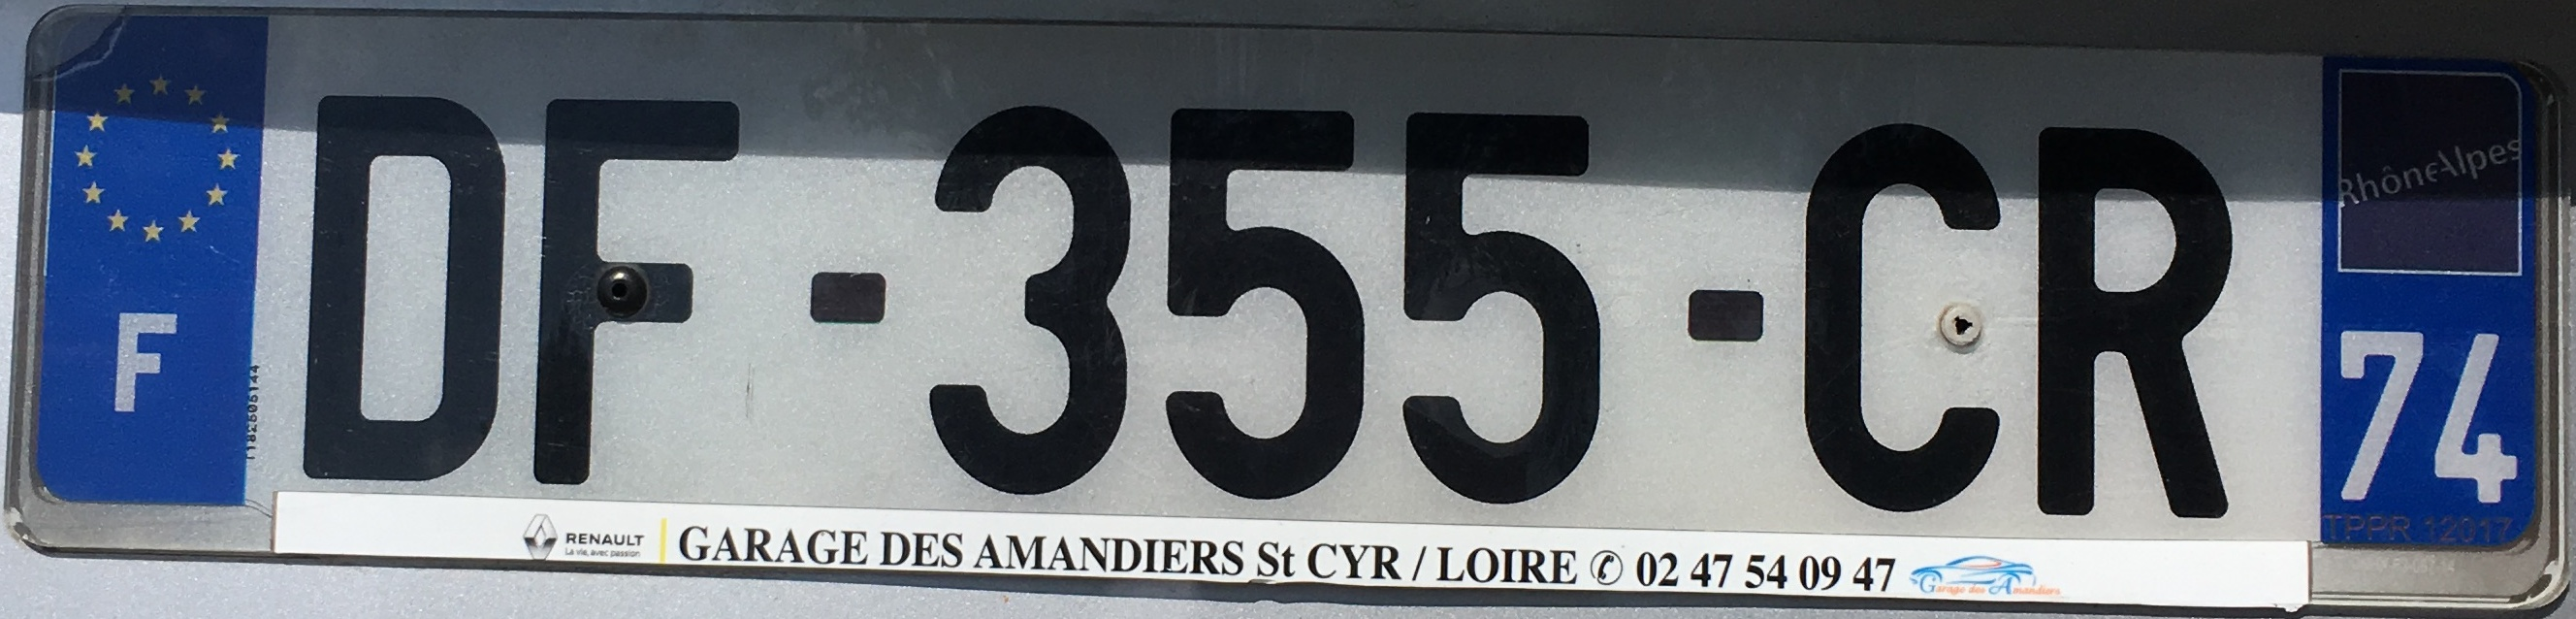 Francouzská registrační značka - 74 - Haute-Savoie, foto: www.podalnici.cz